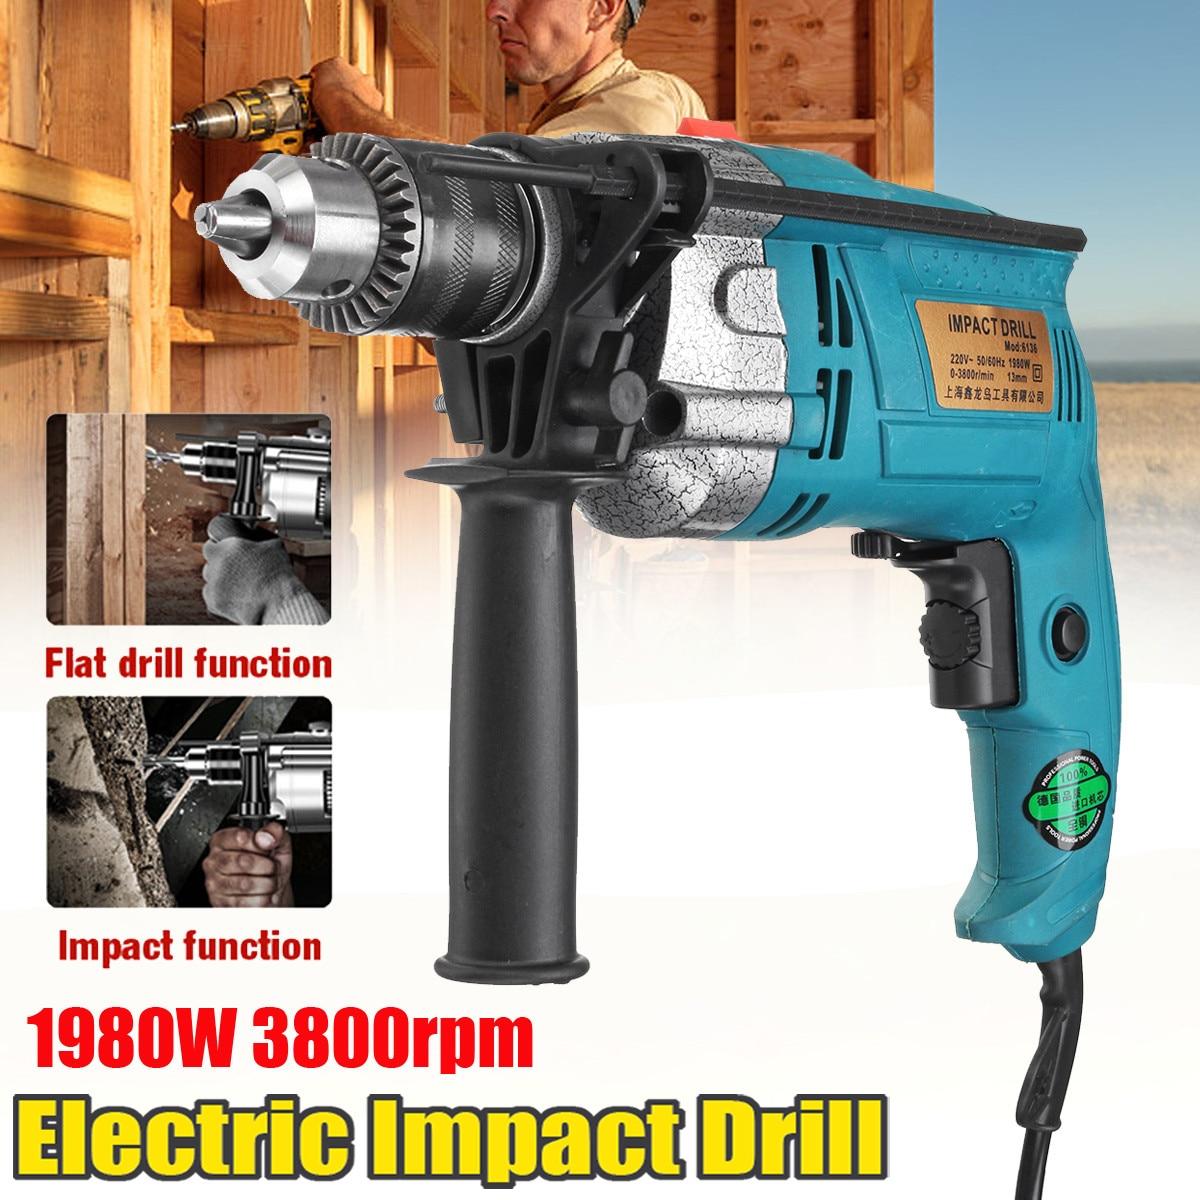 Новинка 80 Вт электрическая щетка 13 мм электрическая ручная ударная плоская дрель инструмент для привода крутящего момента|Электрические сверла|   | АлиЭкспресс